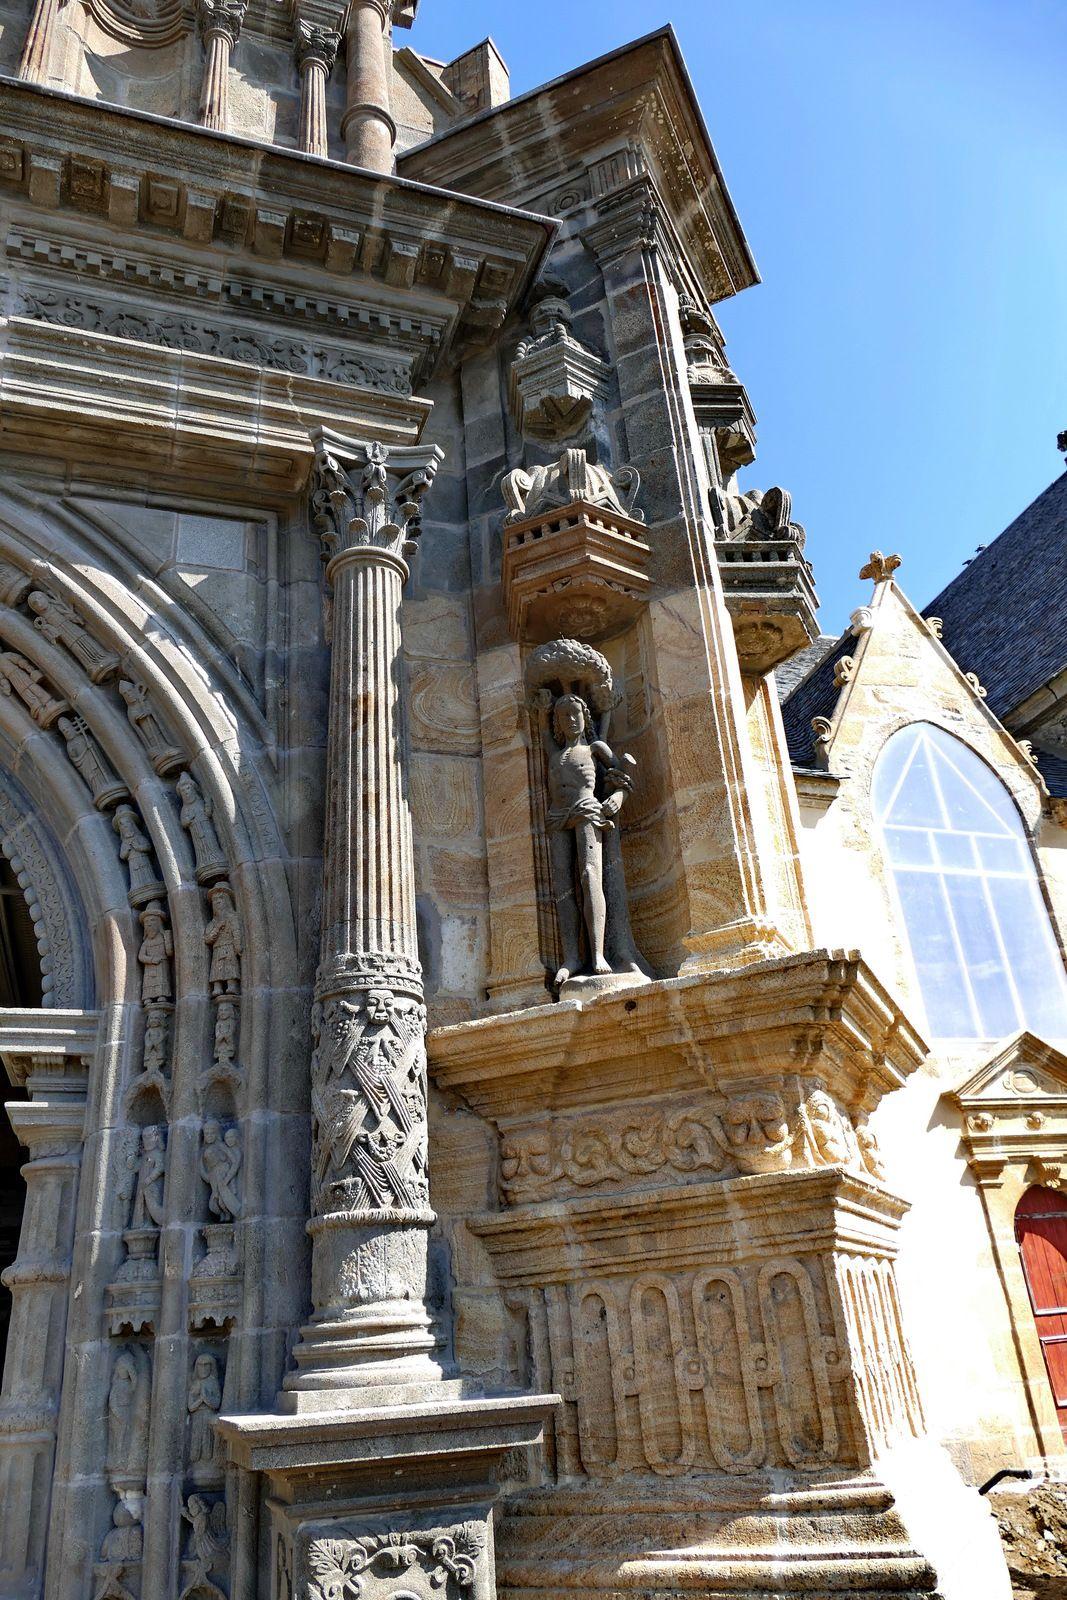 Saint Sébastien, (XVIe siècle, kersanton, Bastien Prigent) niche du contrefort droit du Piédroits du  porche sud  de l'église Saint-Pierre de Ploudiry. Photographie lavieb-aile.